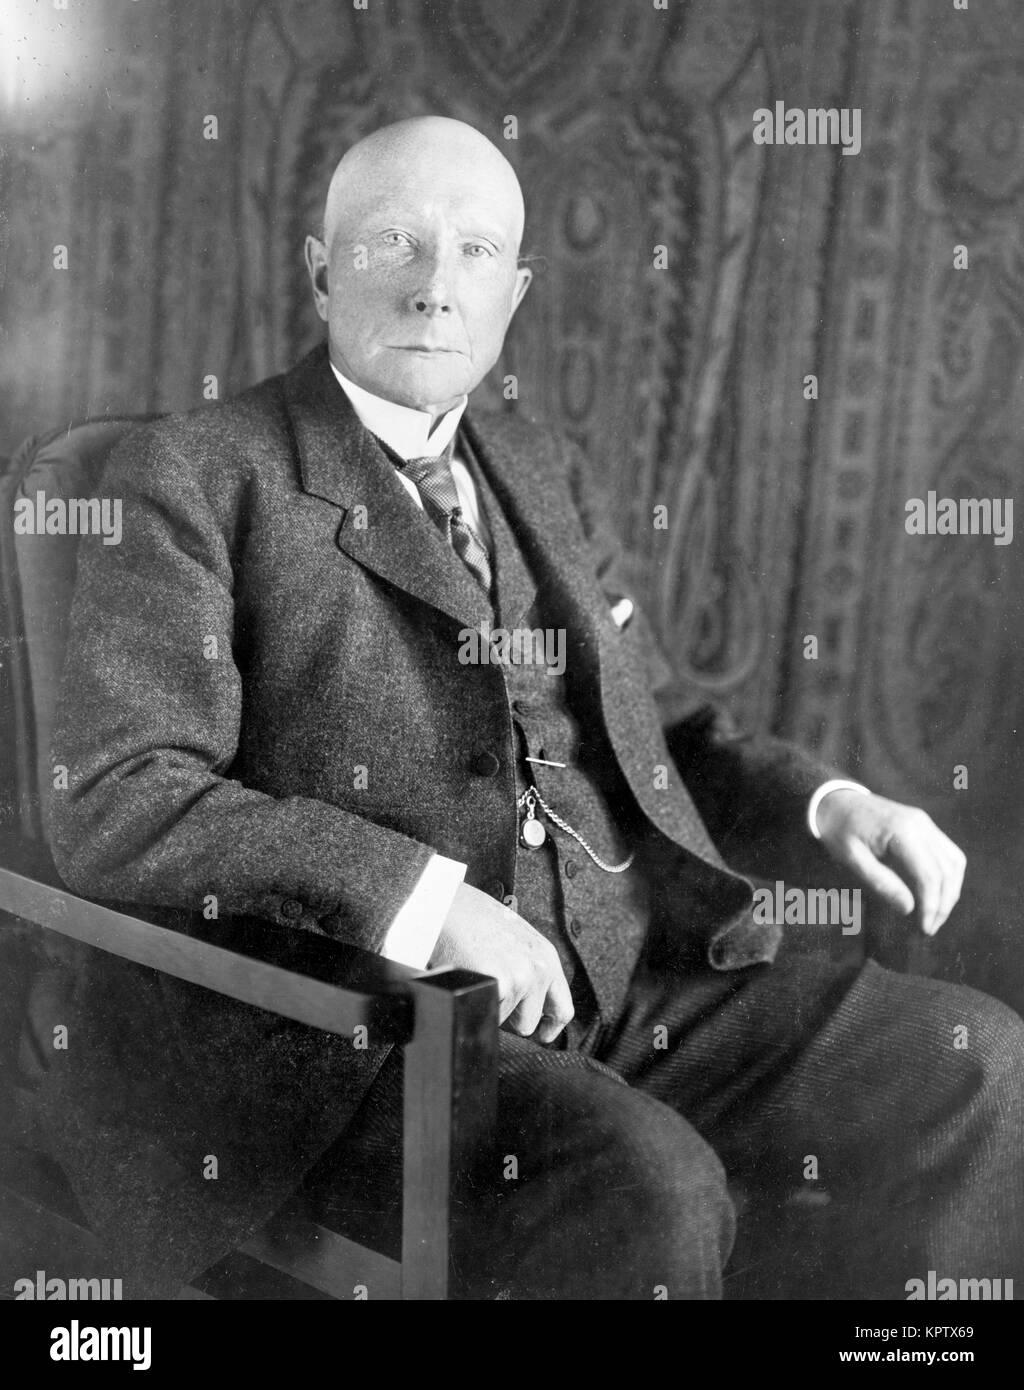 John D. Rockefeller and the Oil Industry